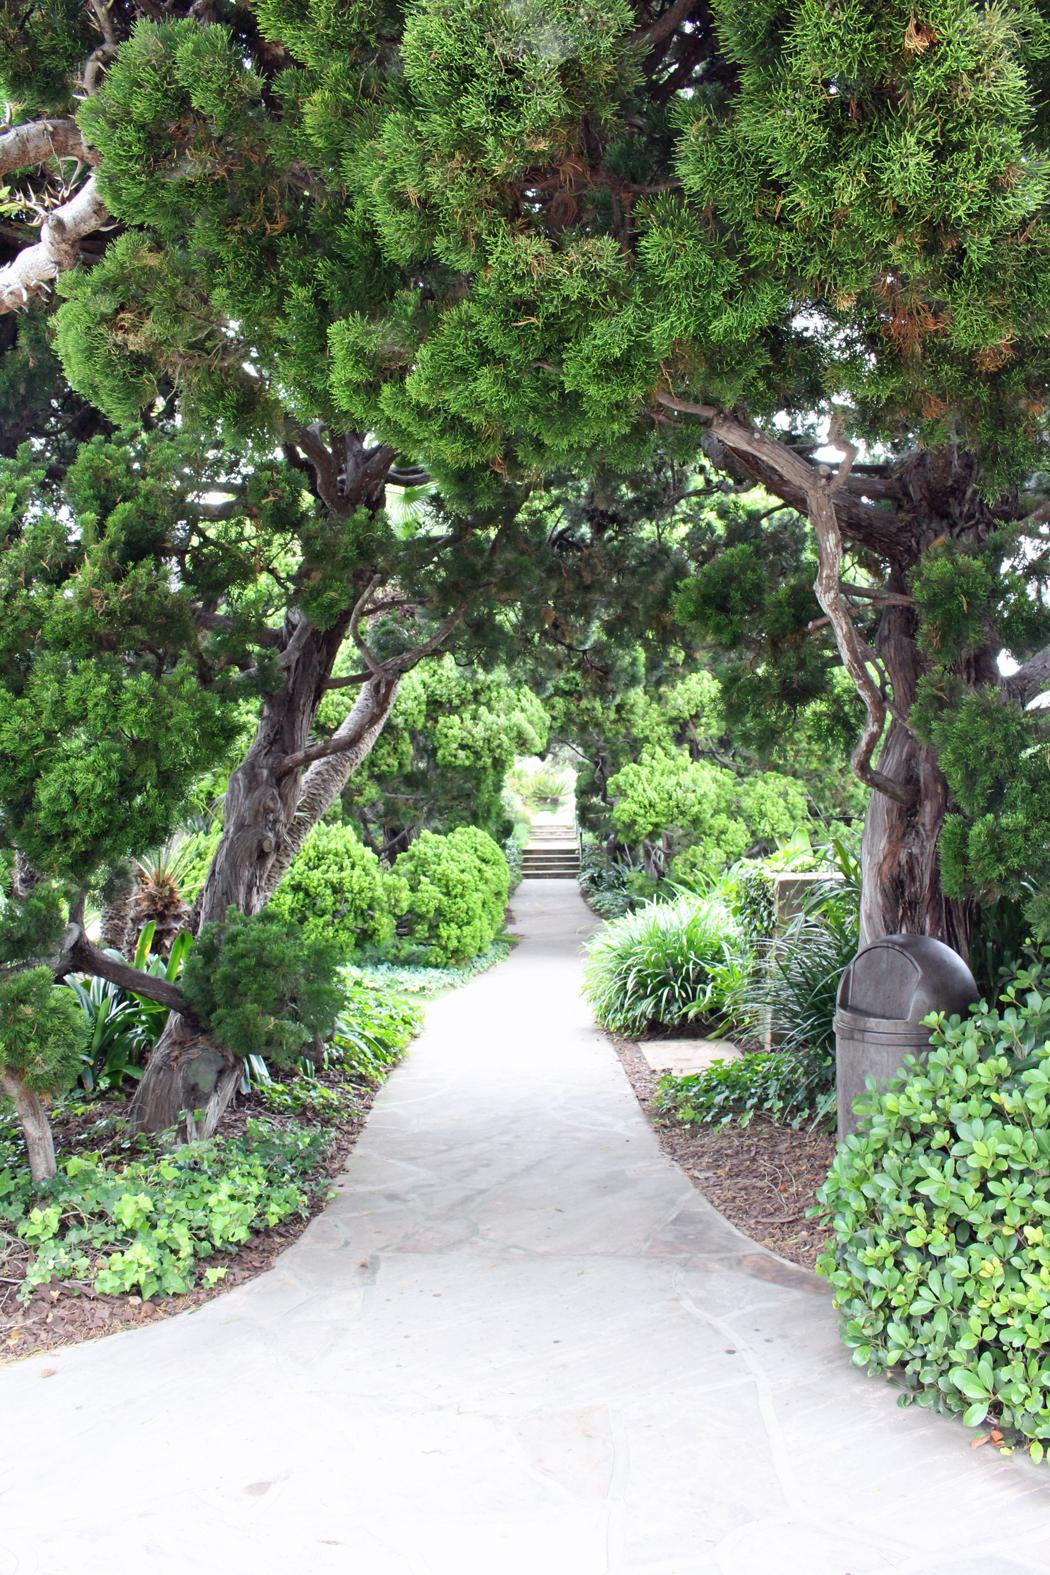 besuch im meditationsgarten in encinitas san diego kalifornien projekt gesund leben. Black Bedroom Furniture Sets. Home Design Ideas